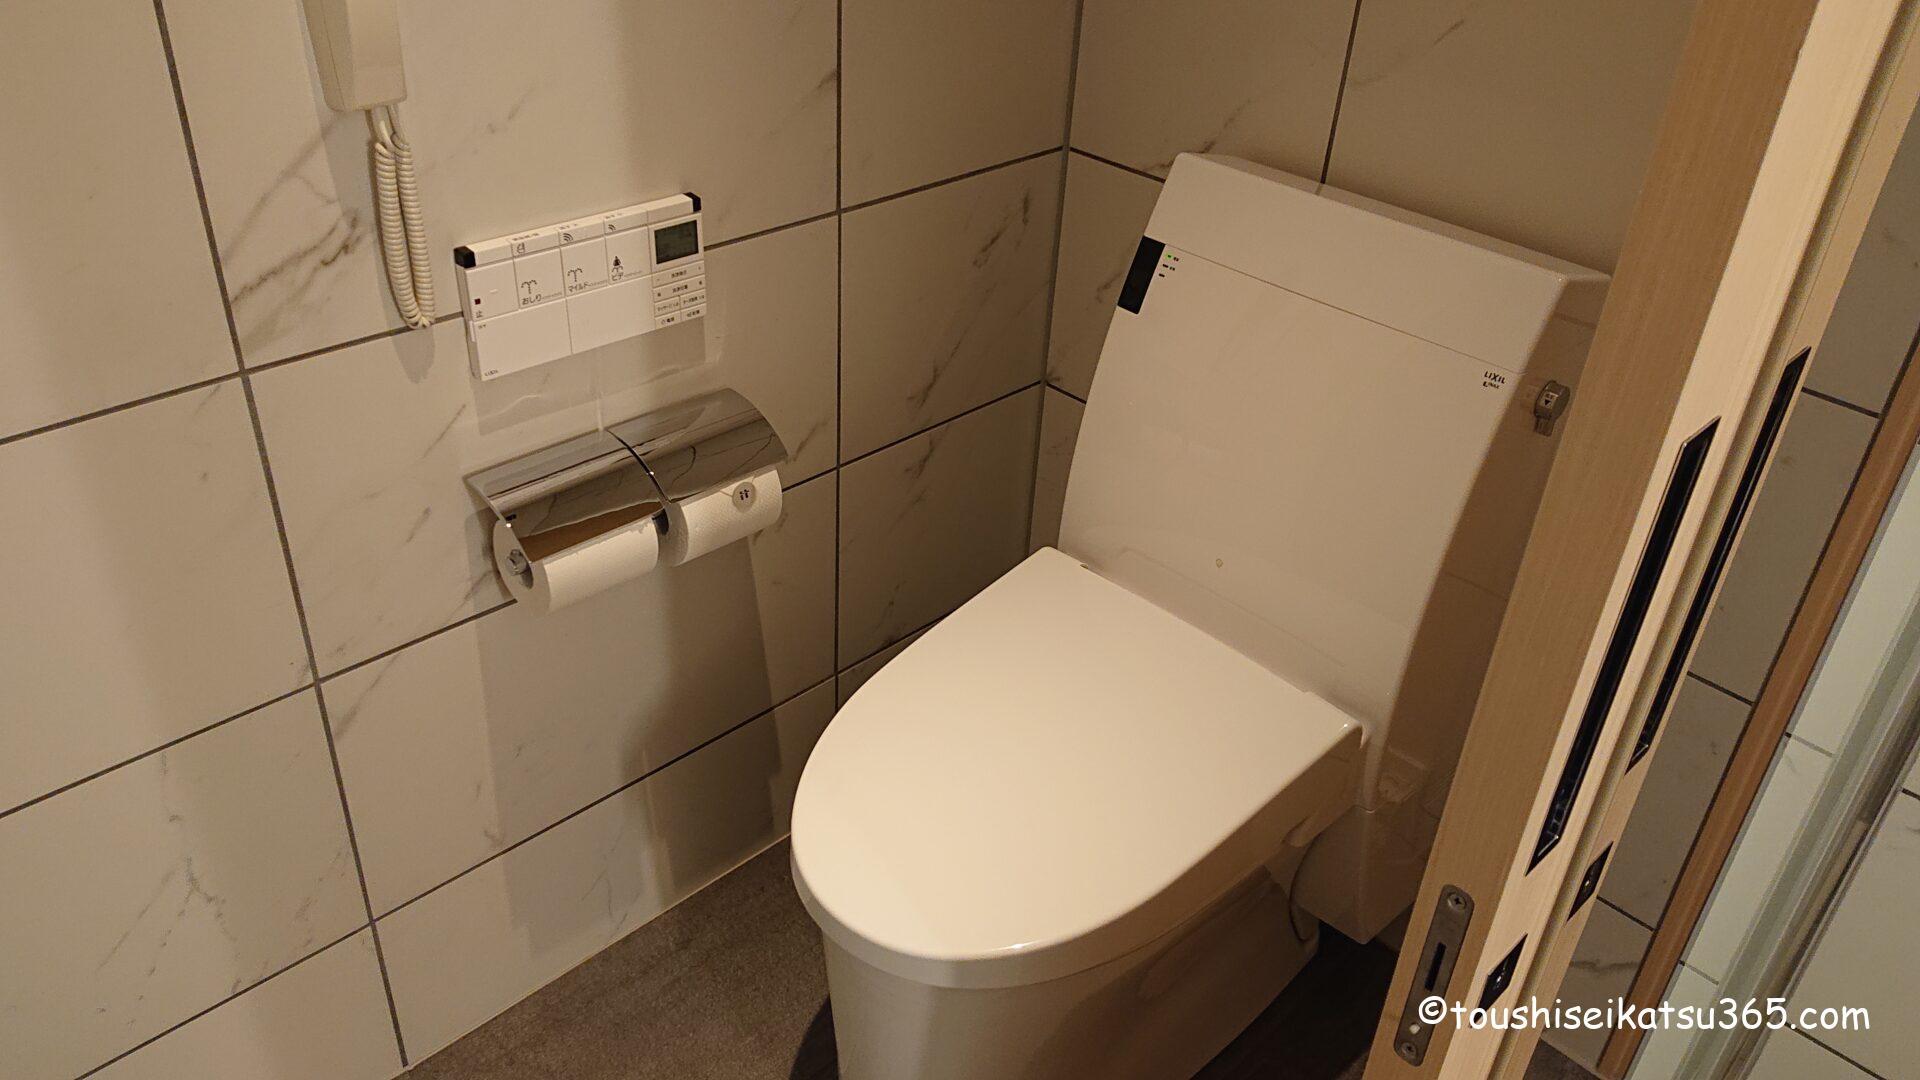 エクシブ湯河原離宮 トイレ